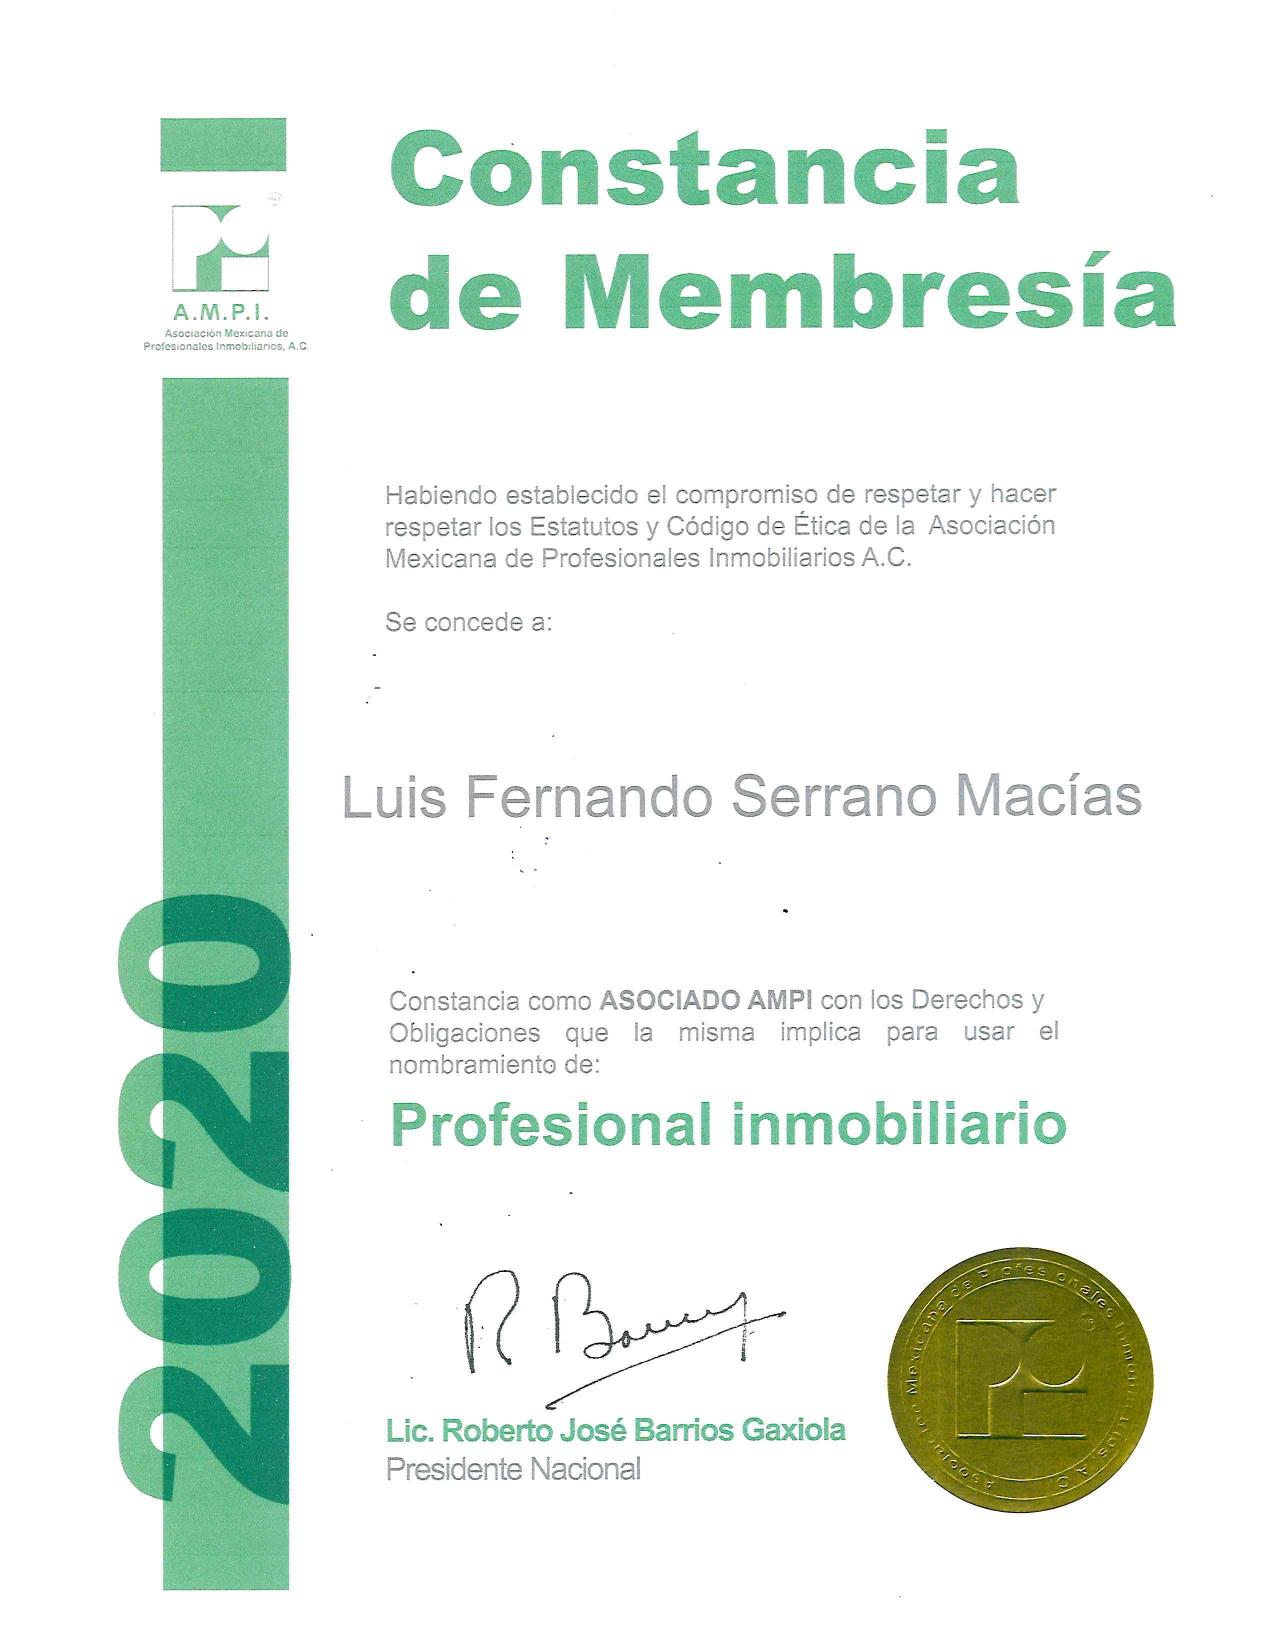 Constancia_membresía_AMPI_2020_page-0001.jpg